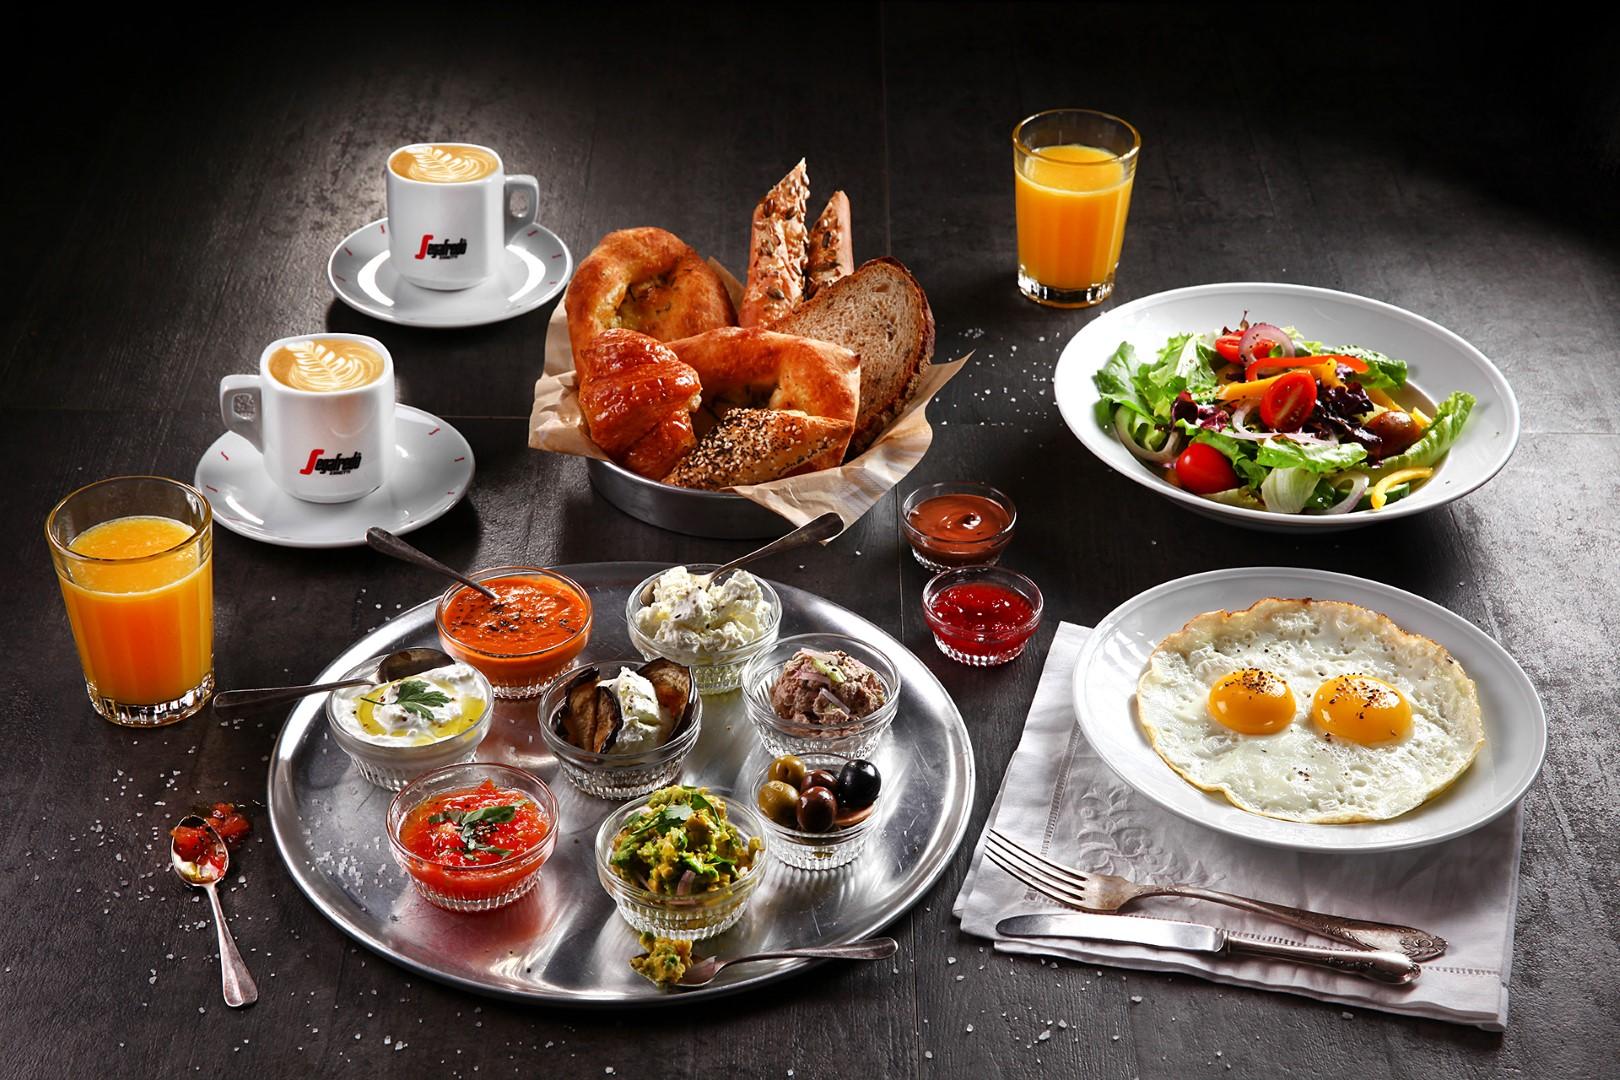 ארוחת בוקר יחיד